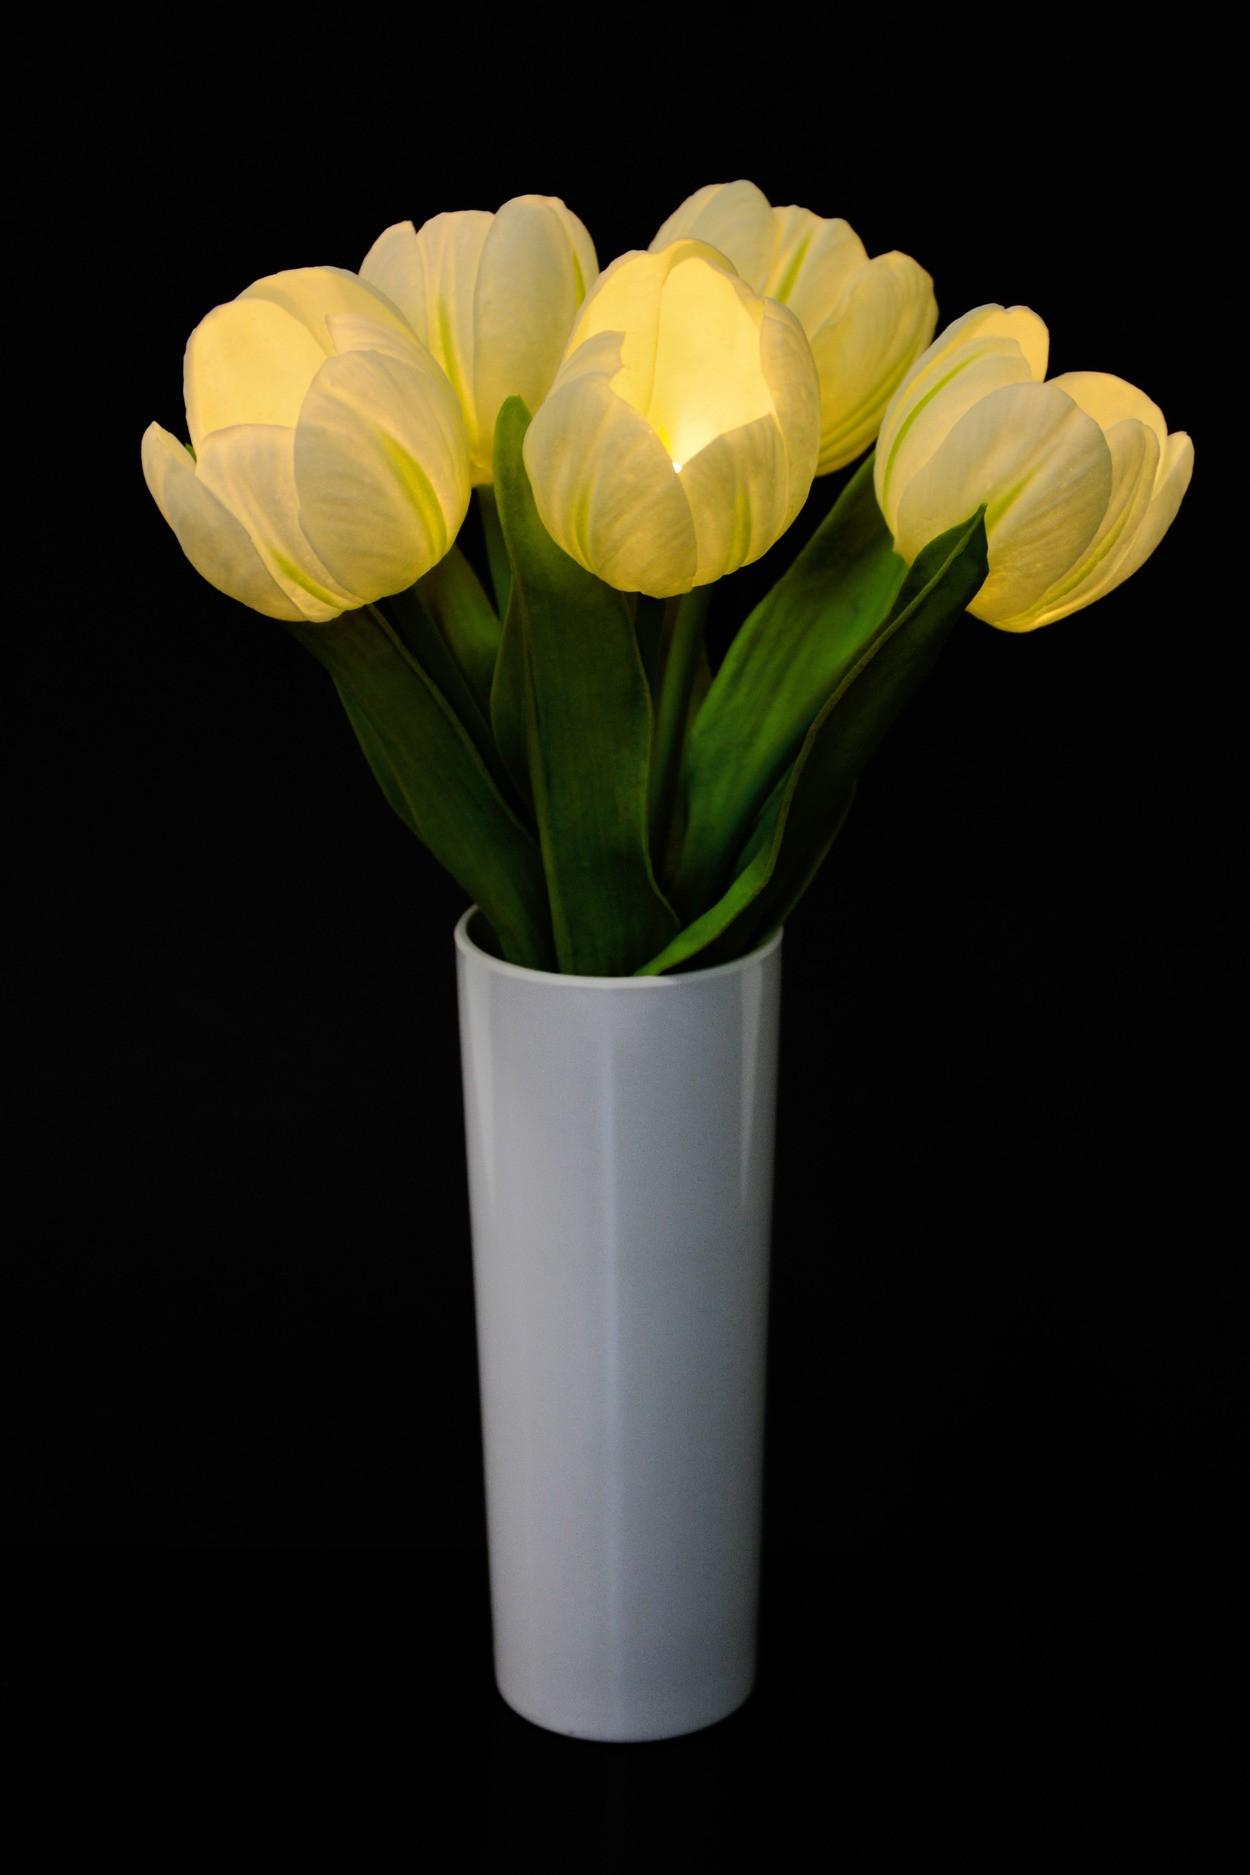 Светильник Тюльпаны (белые)